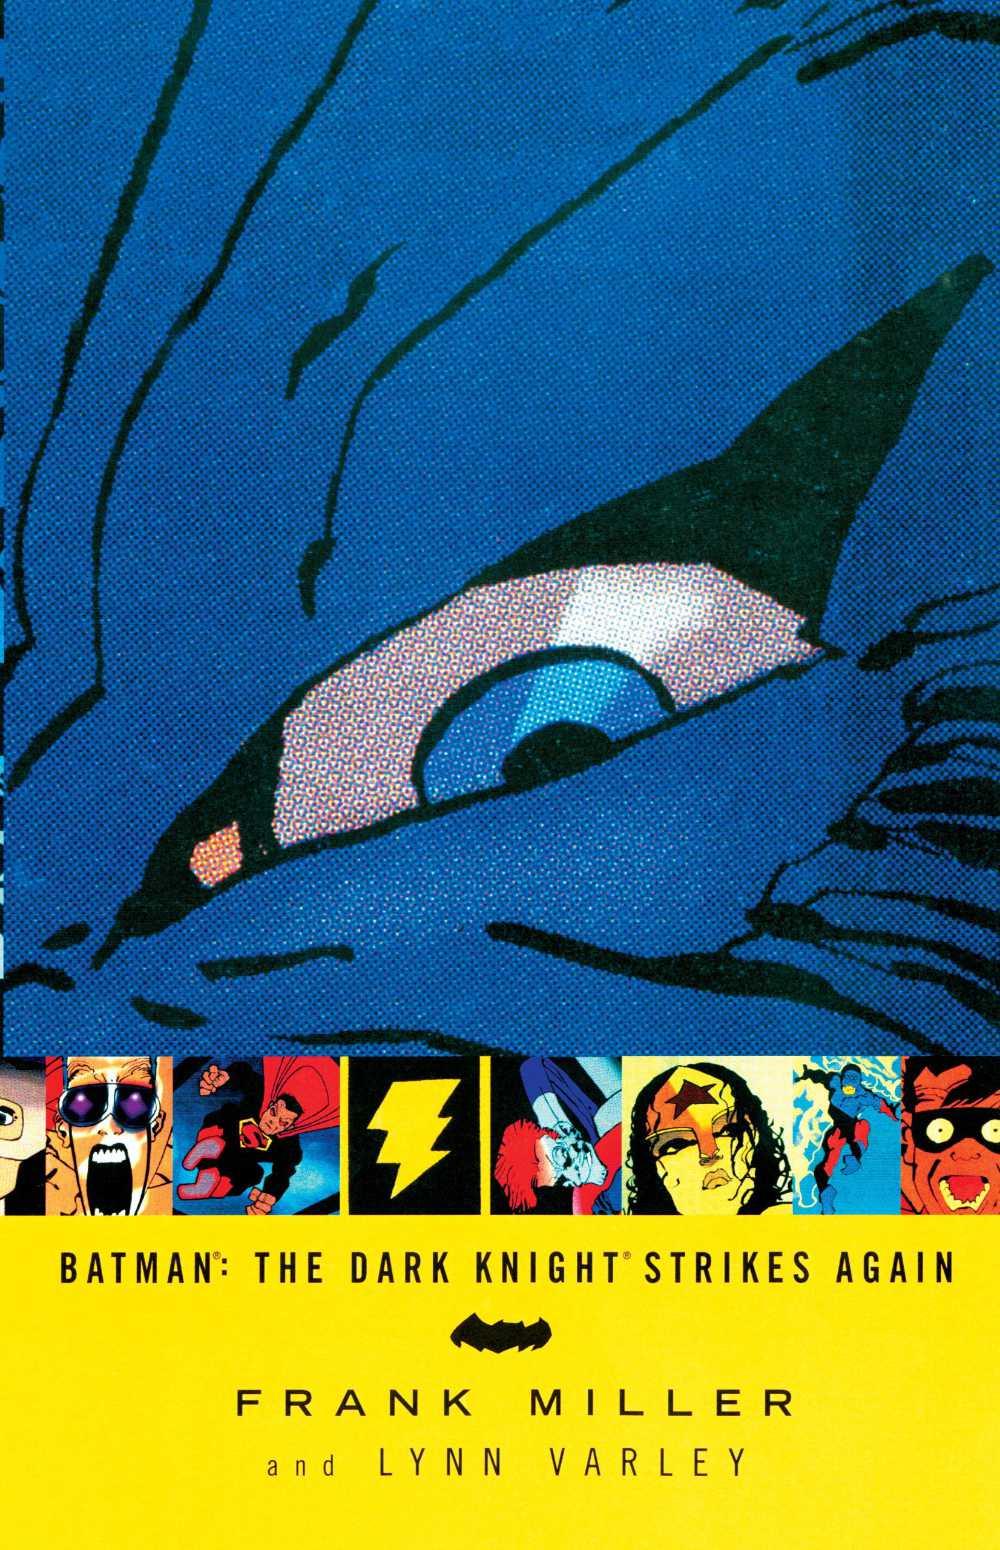 Batman: The Dark Knight Strikes Again cover